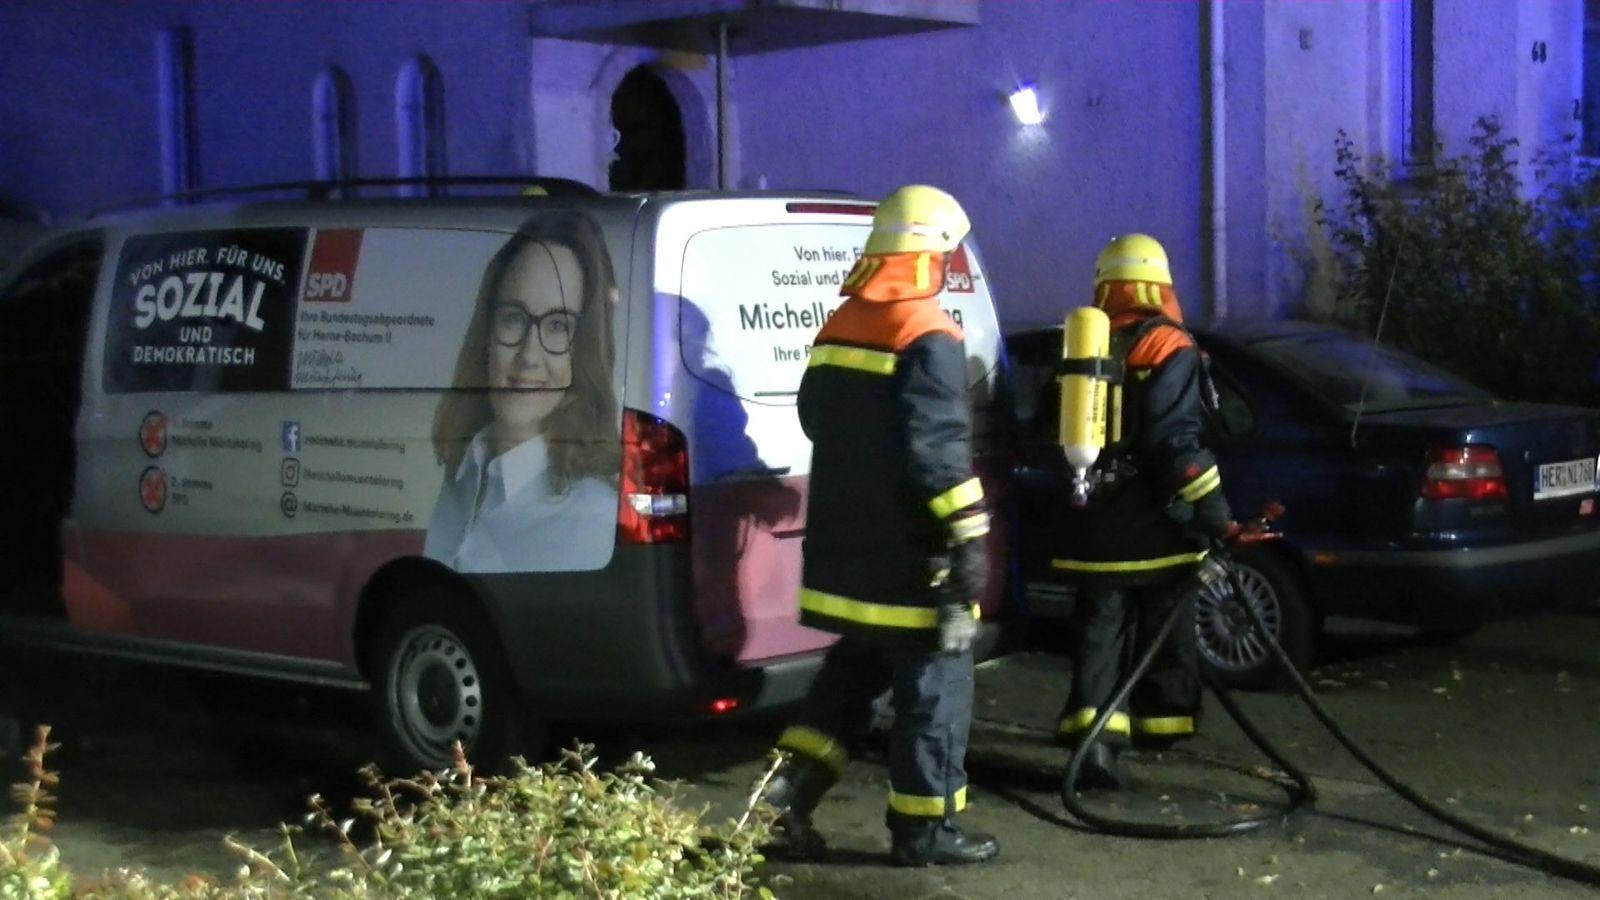 Brandanschlag auf Autos von Michelle Müntefering